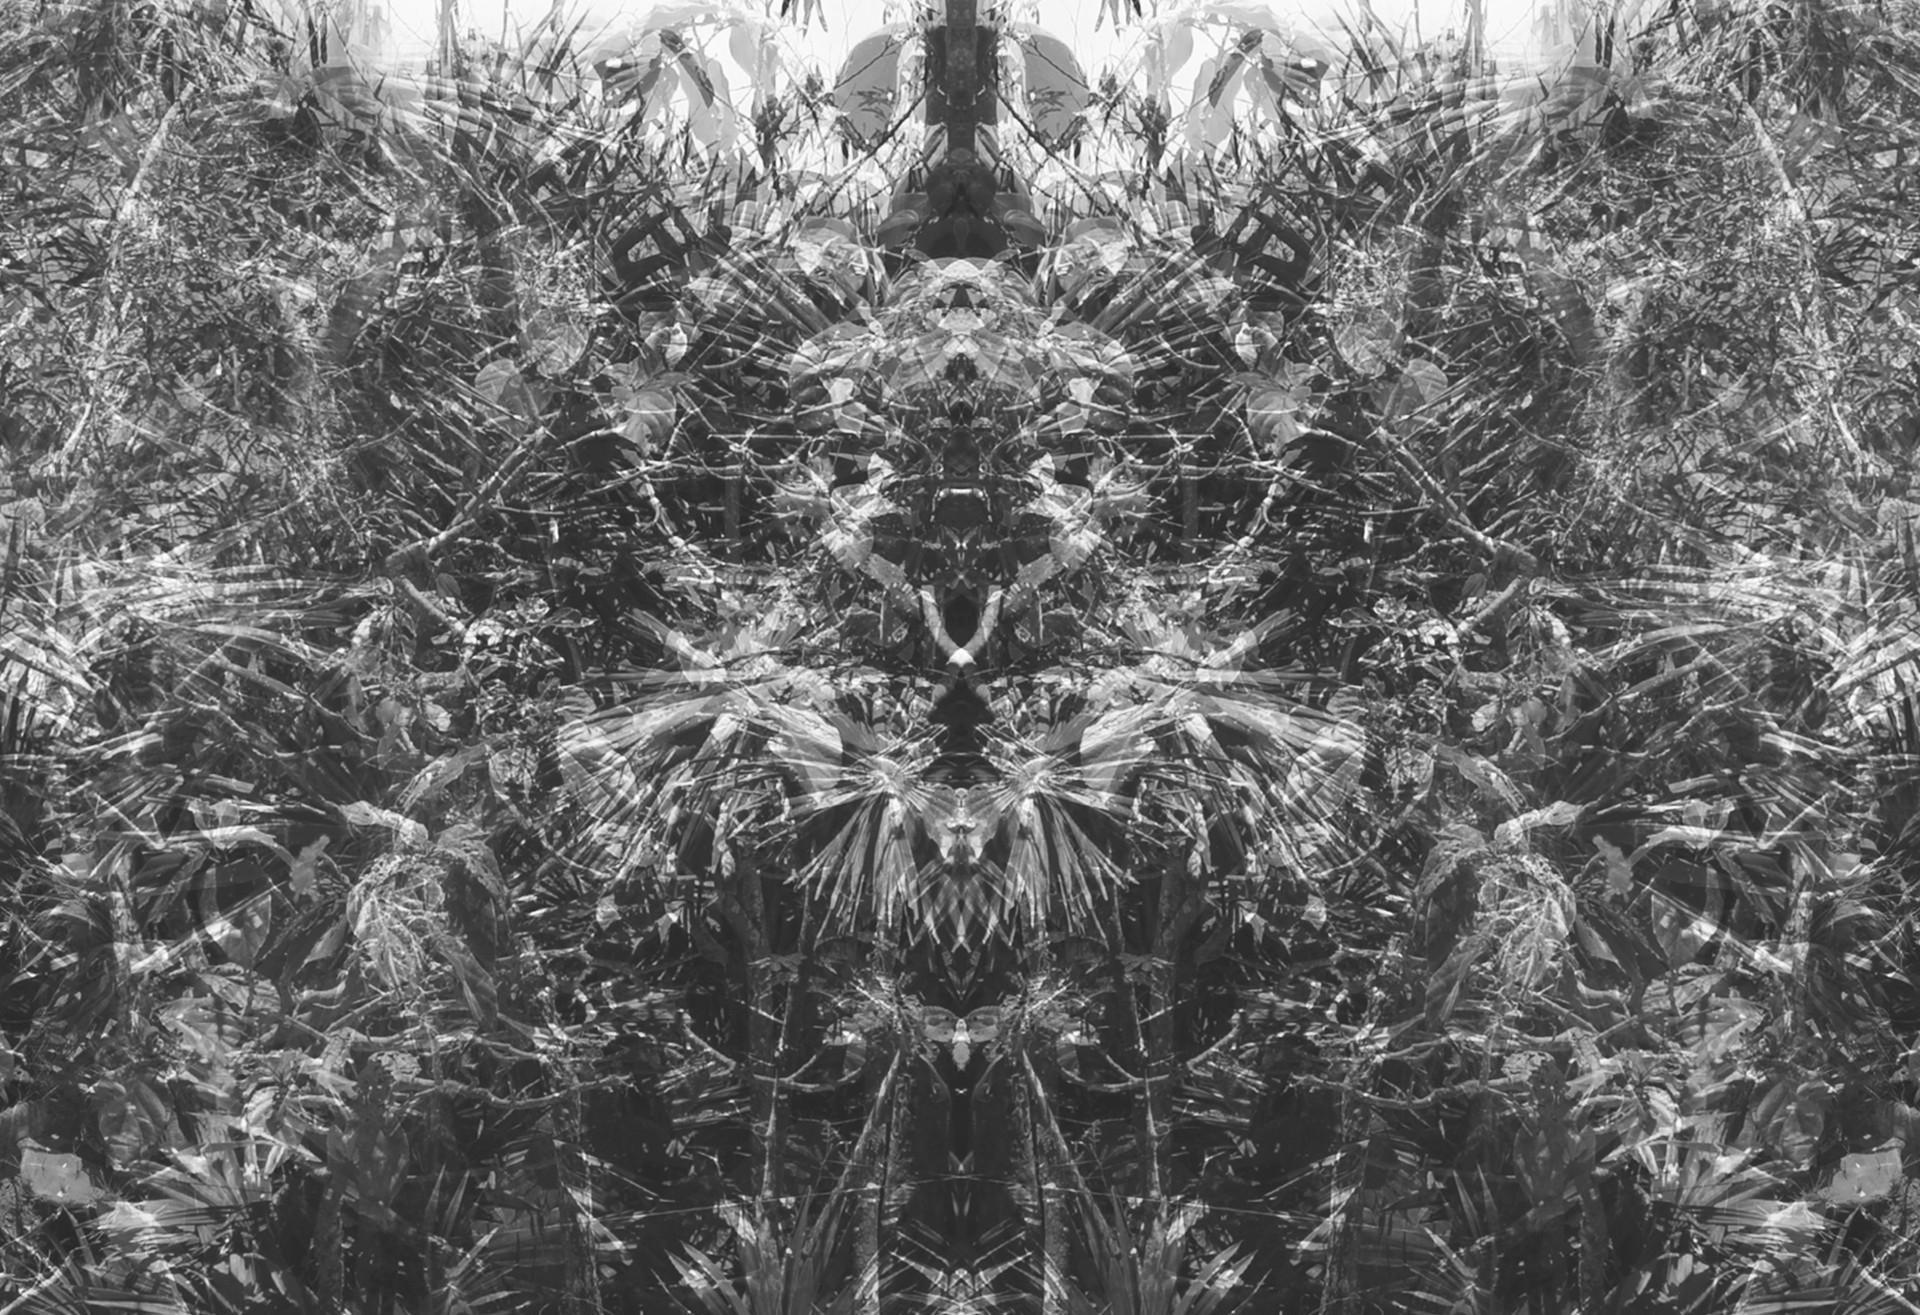 Rorschach | © Christian Baumgarten